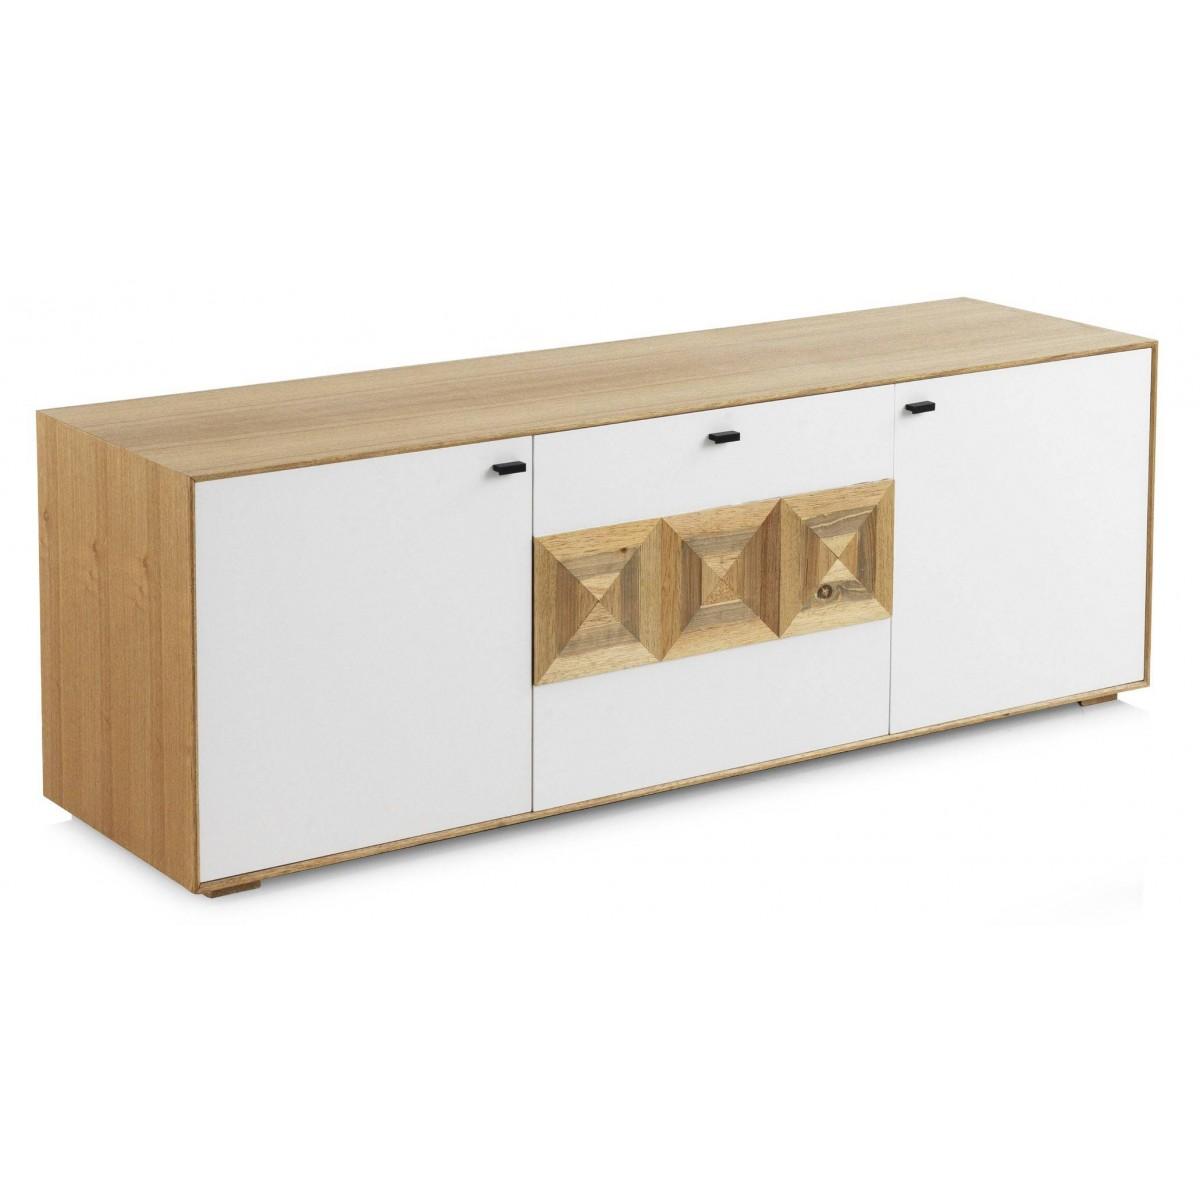 Mueble tv cluas 2 puertas madera natural y blanco n rdico - Muebles madera natural ...